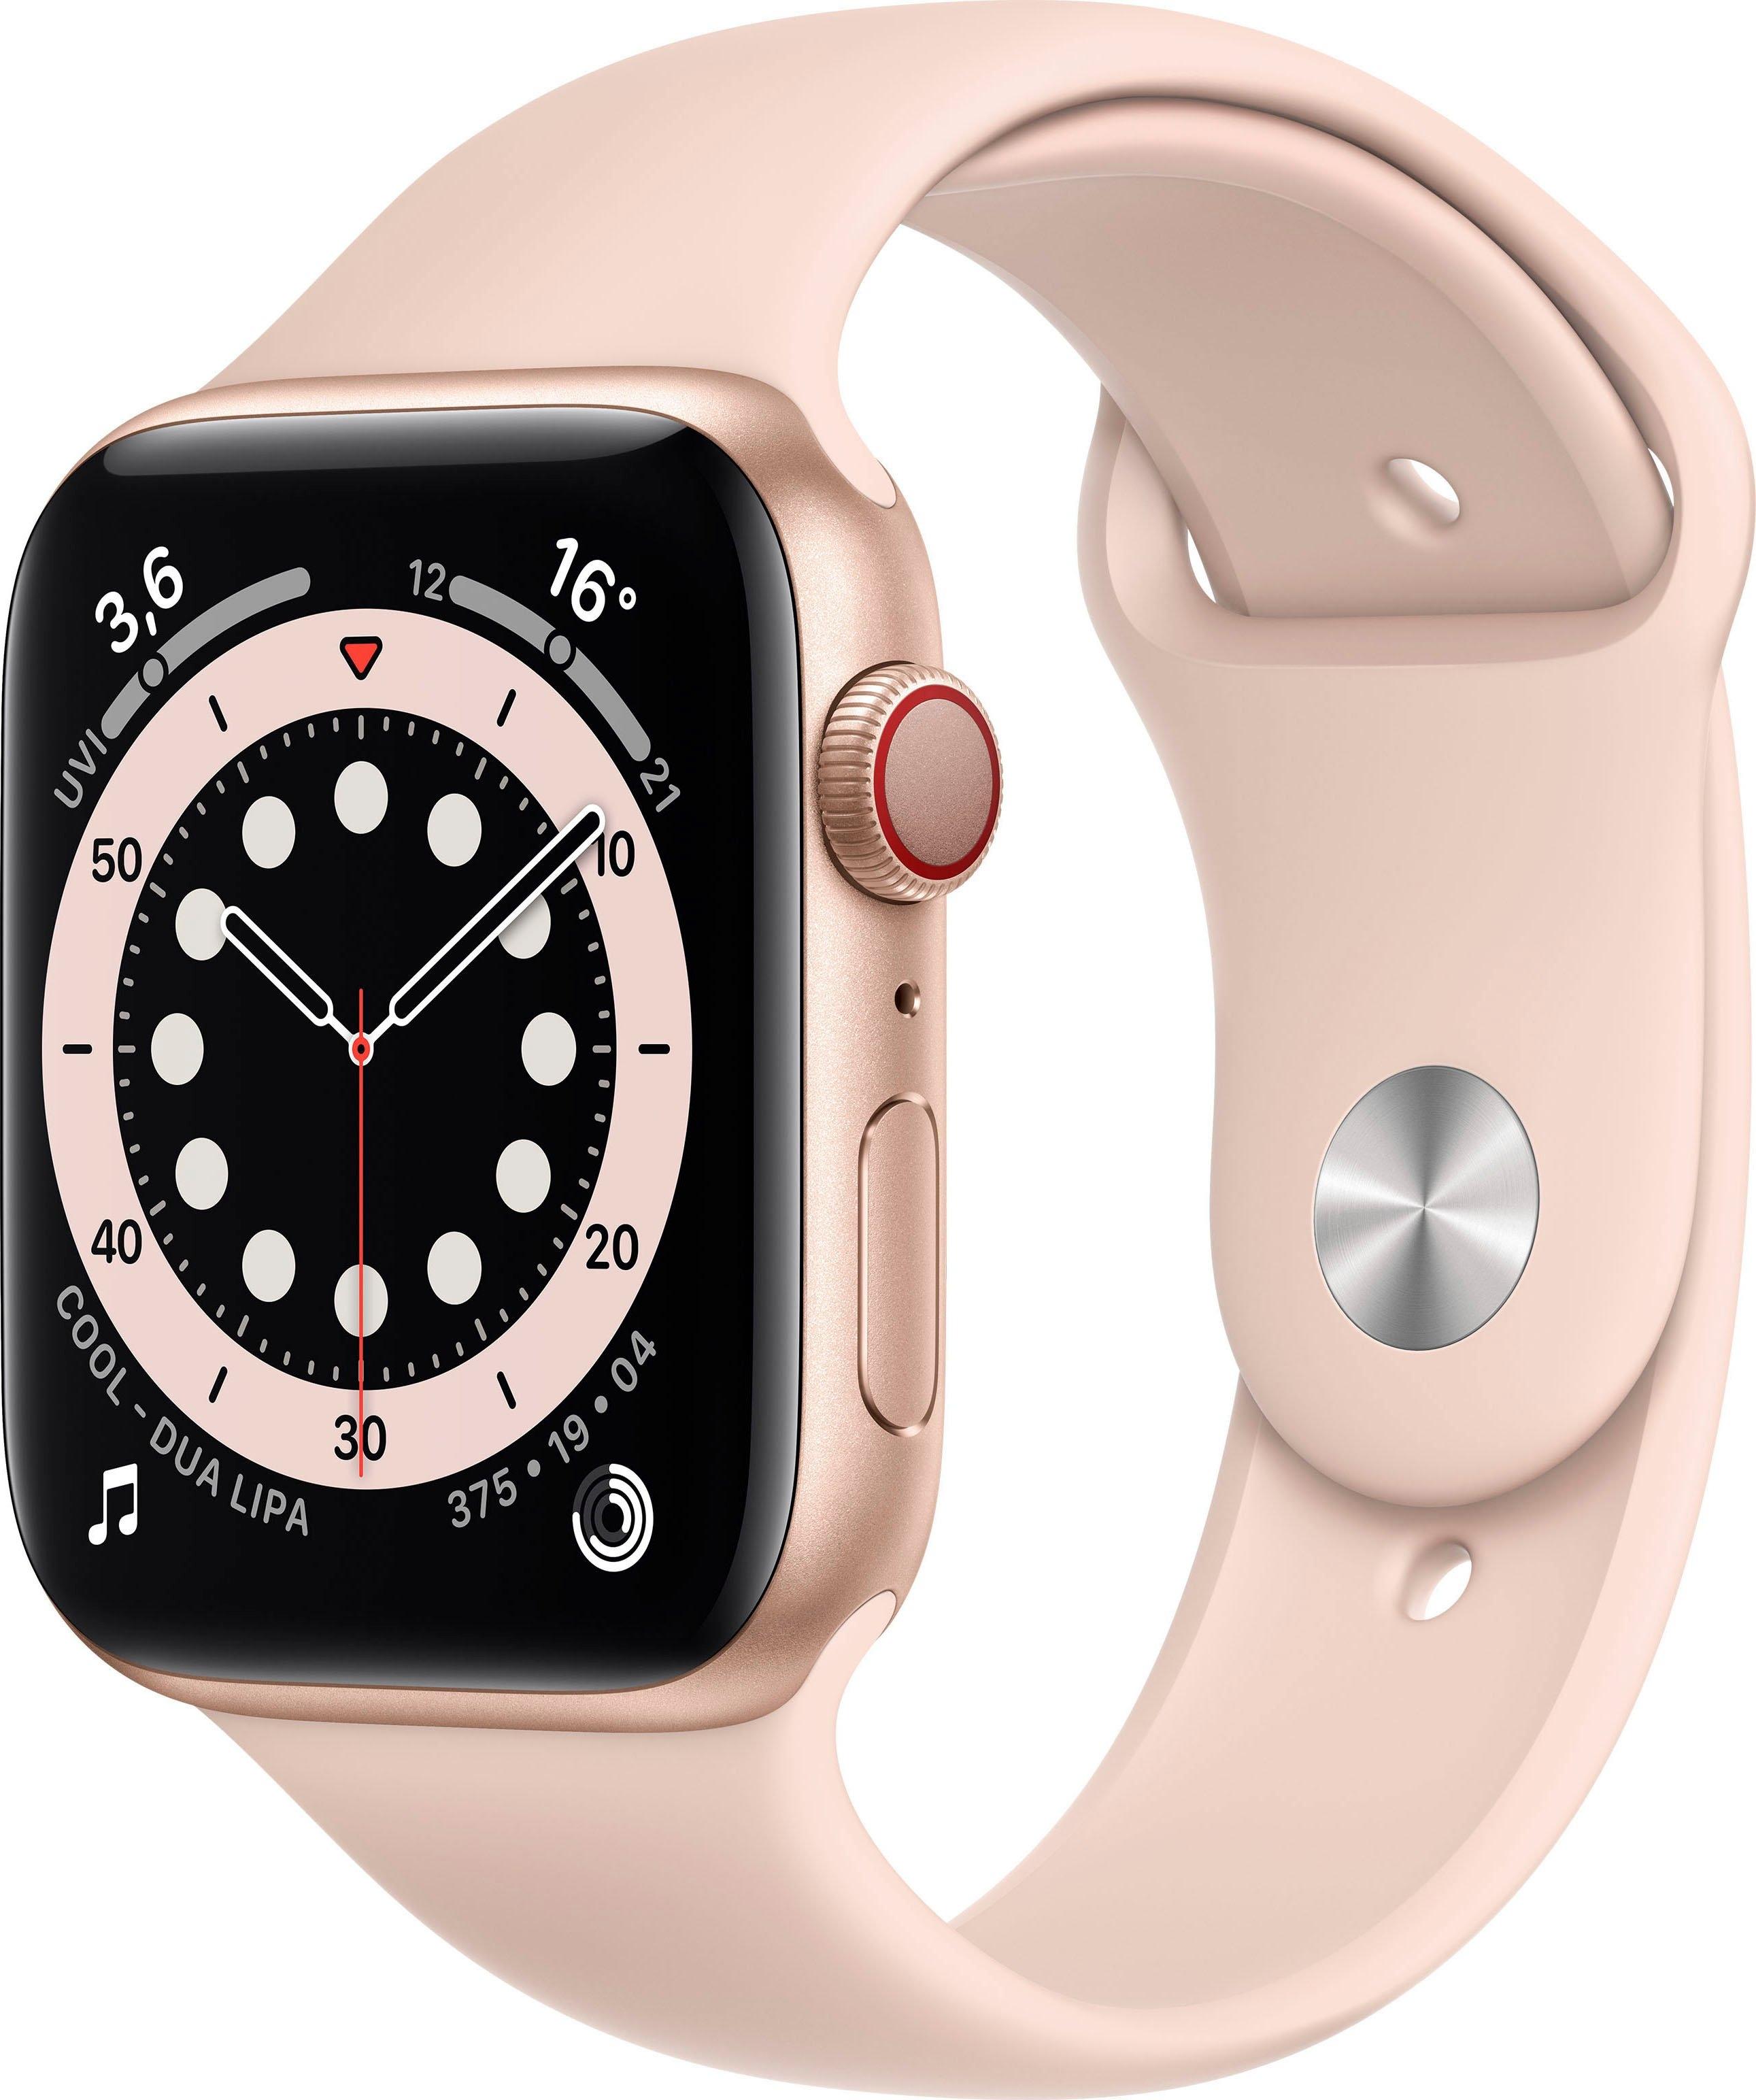 Apple watch Series 6 gps + Cellular, aluminium kast met sportbandje 44 mm inclusief oplaadstation (magnetische oplaadkabel) nu online bestellen